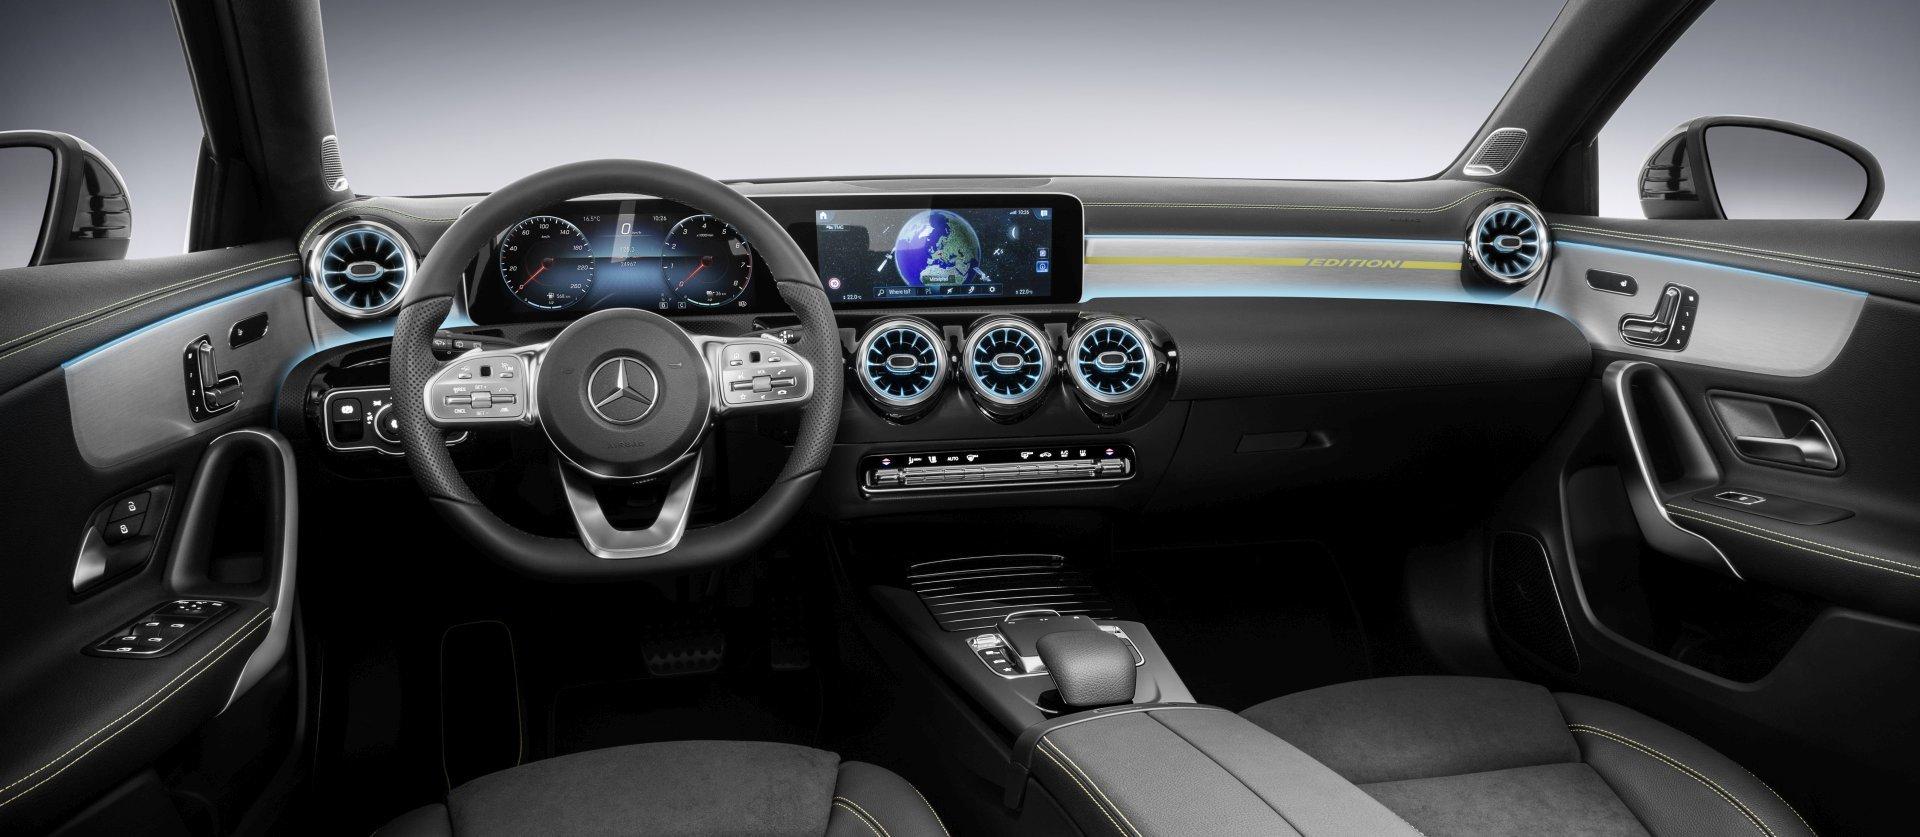 Mercedes A-Klasse: Das luxuriöse Interieur enthüllt - ALLES AUTO